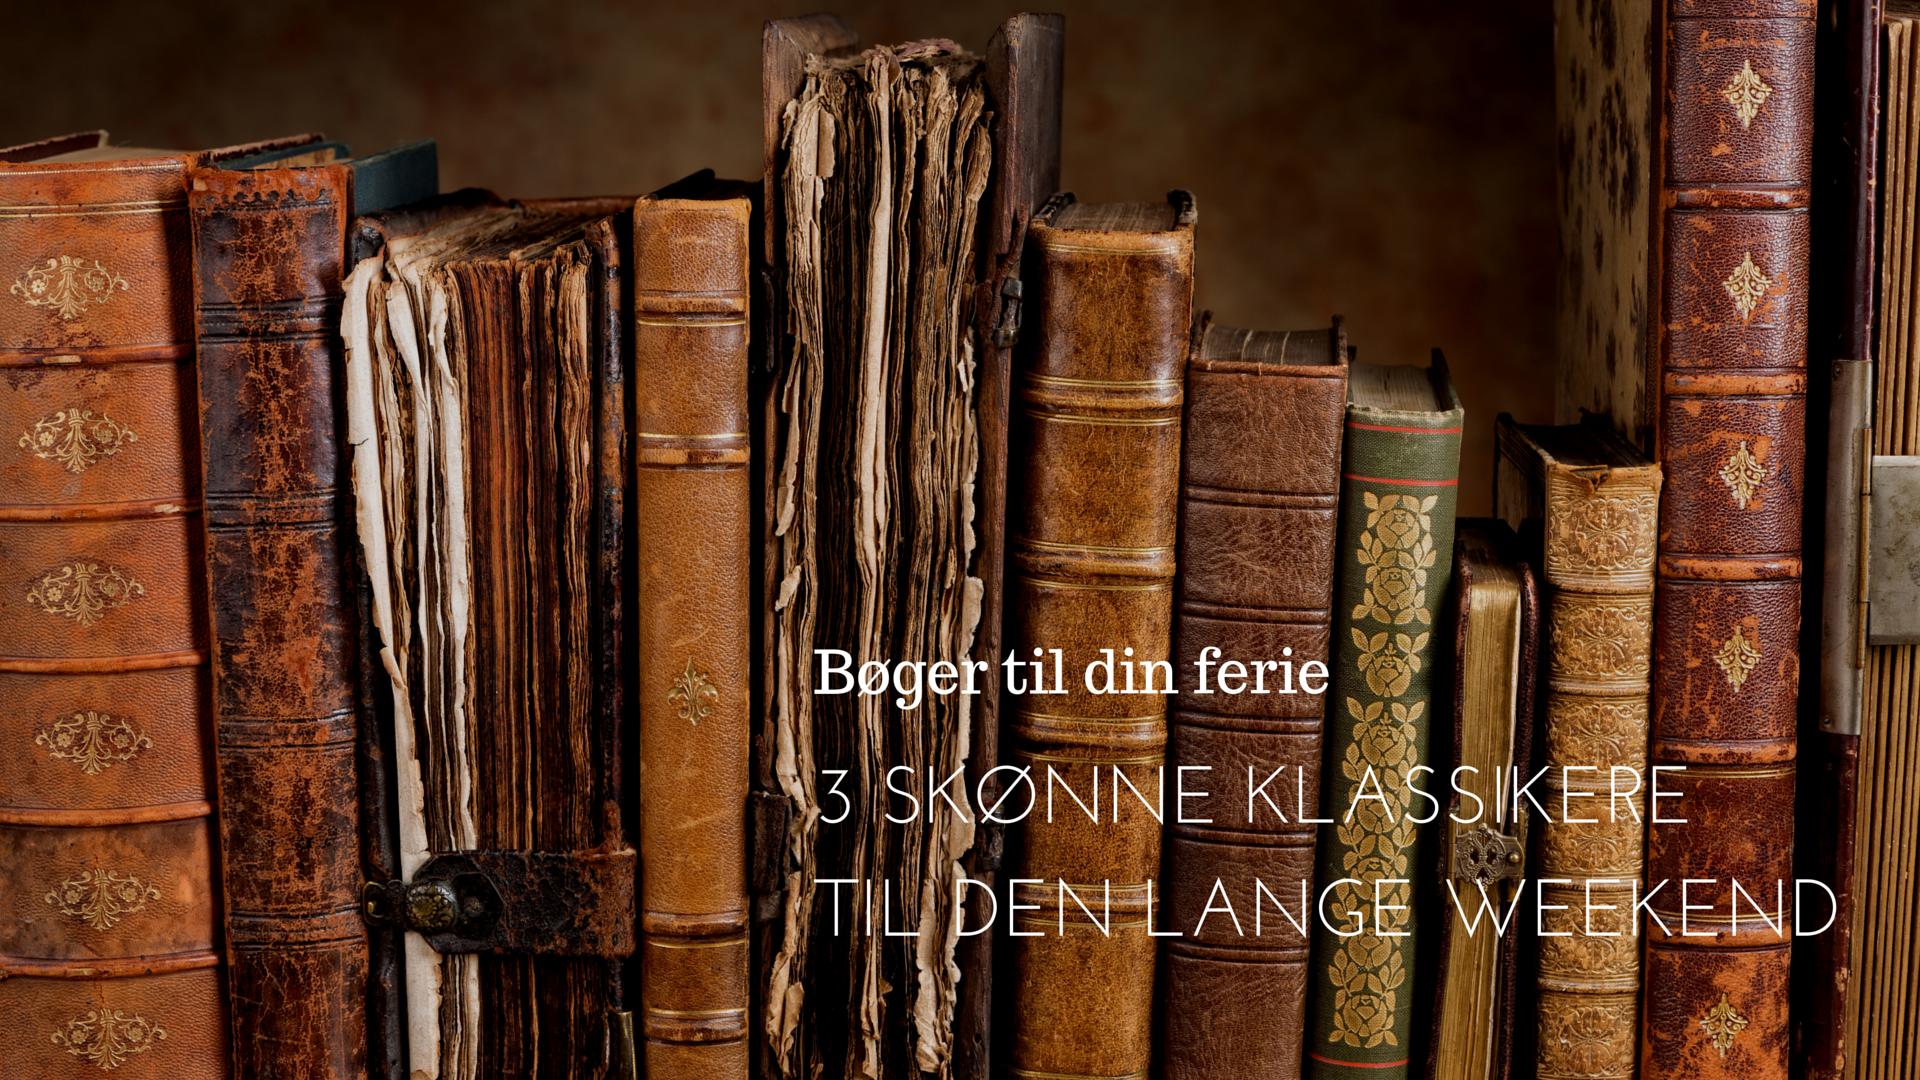 Bøger til din ferie (2)